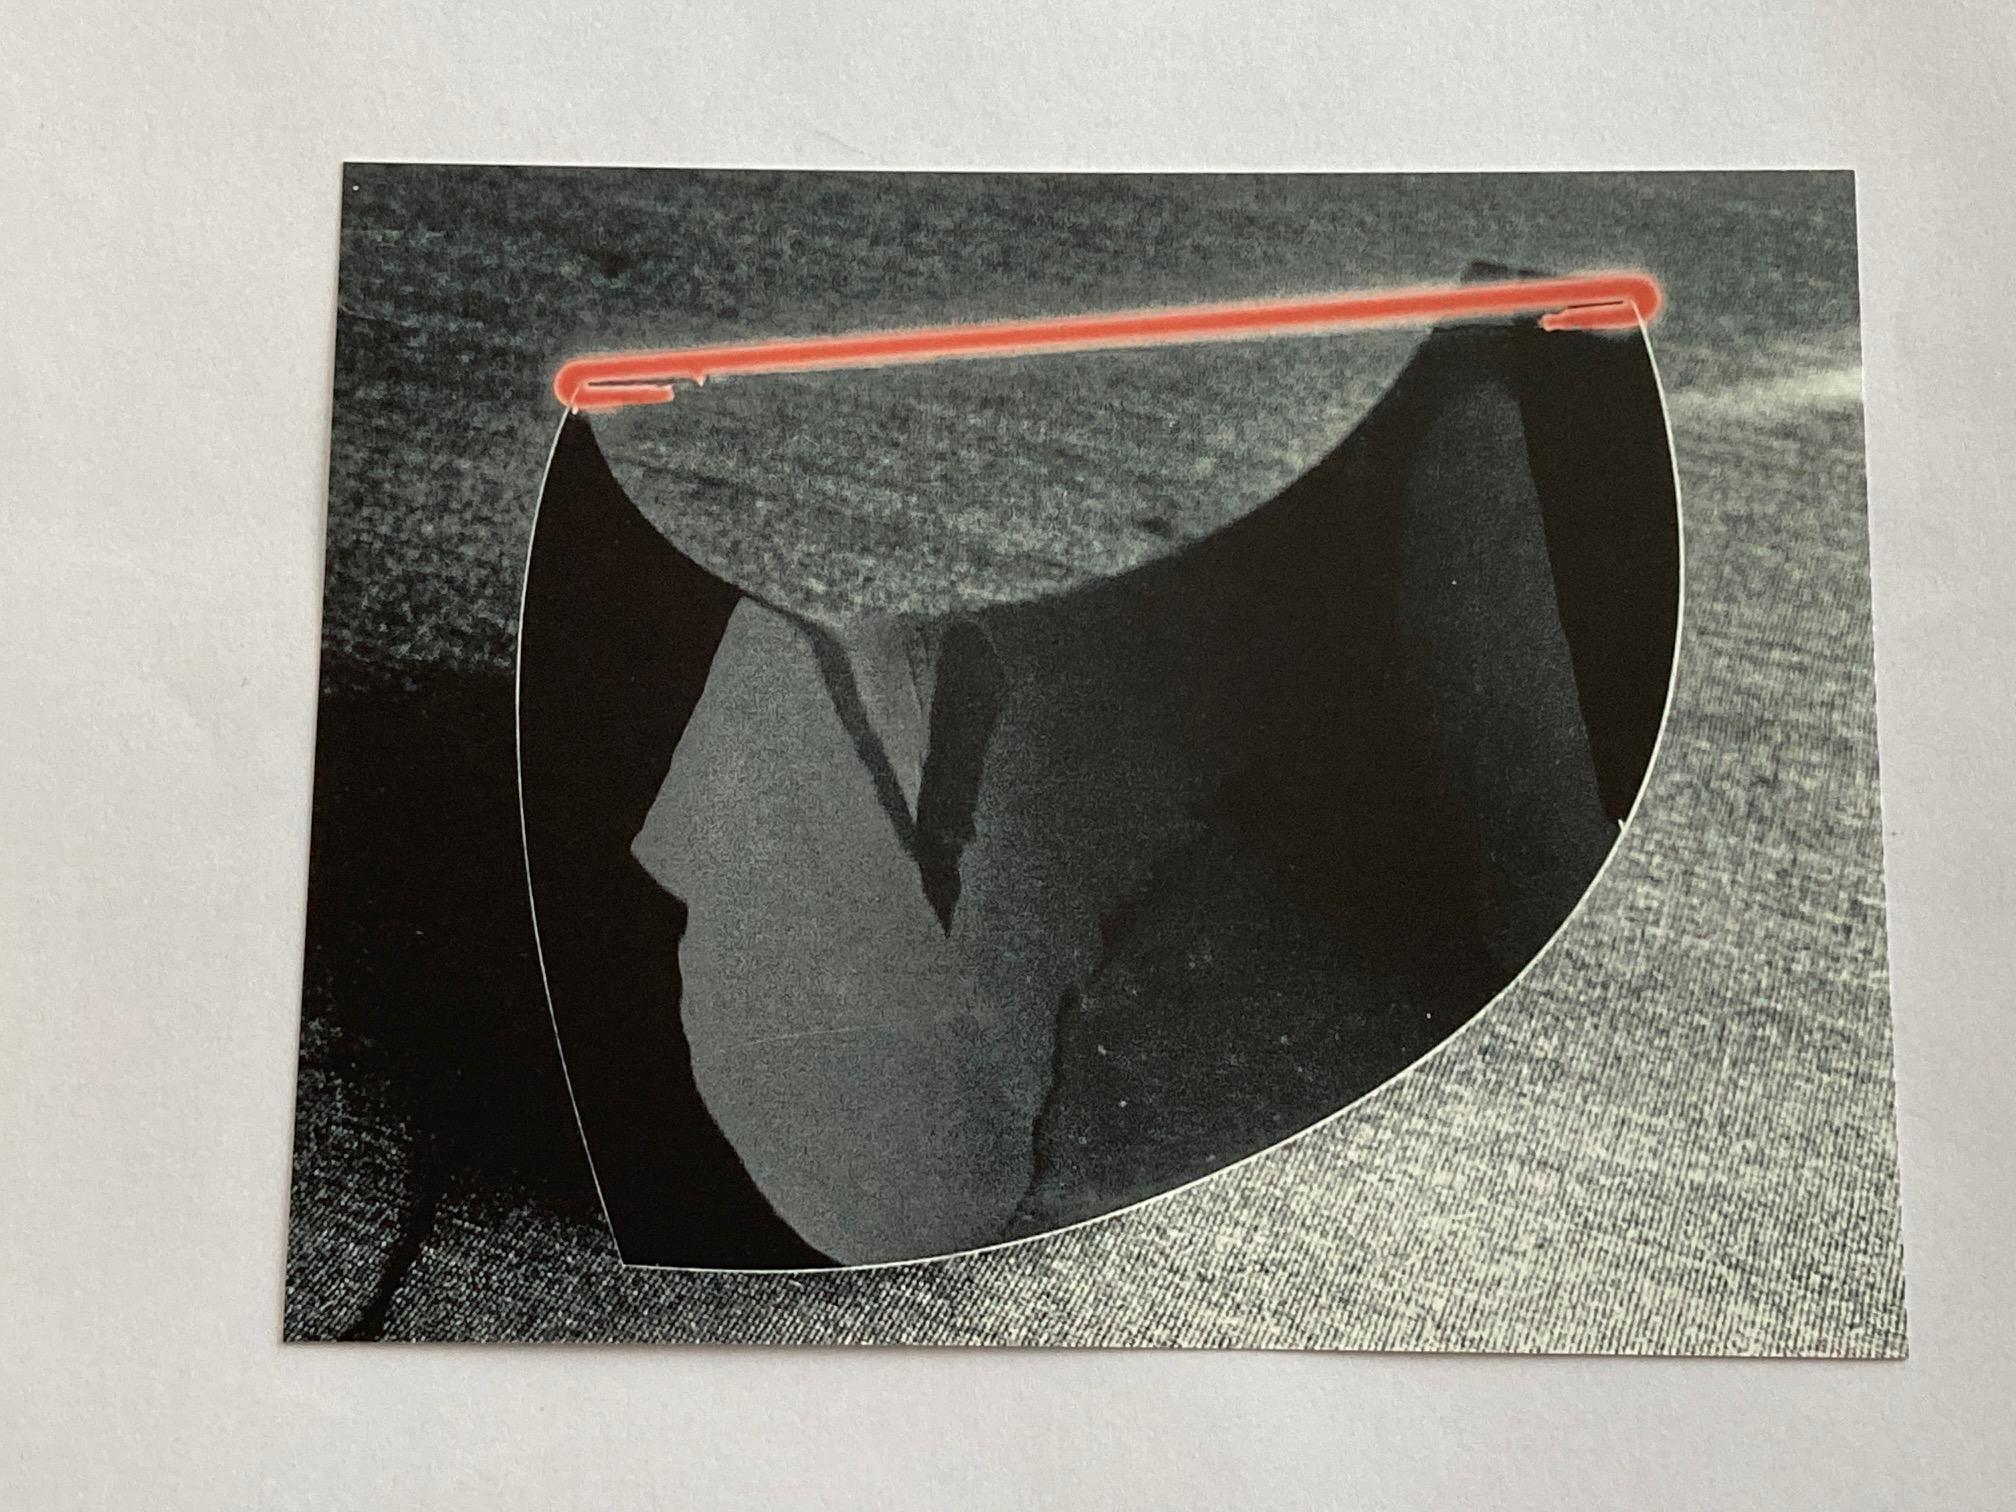 È morto Giancarlo Zen, l'artista degli oggetti che illuminano lo spazio